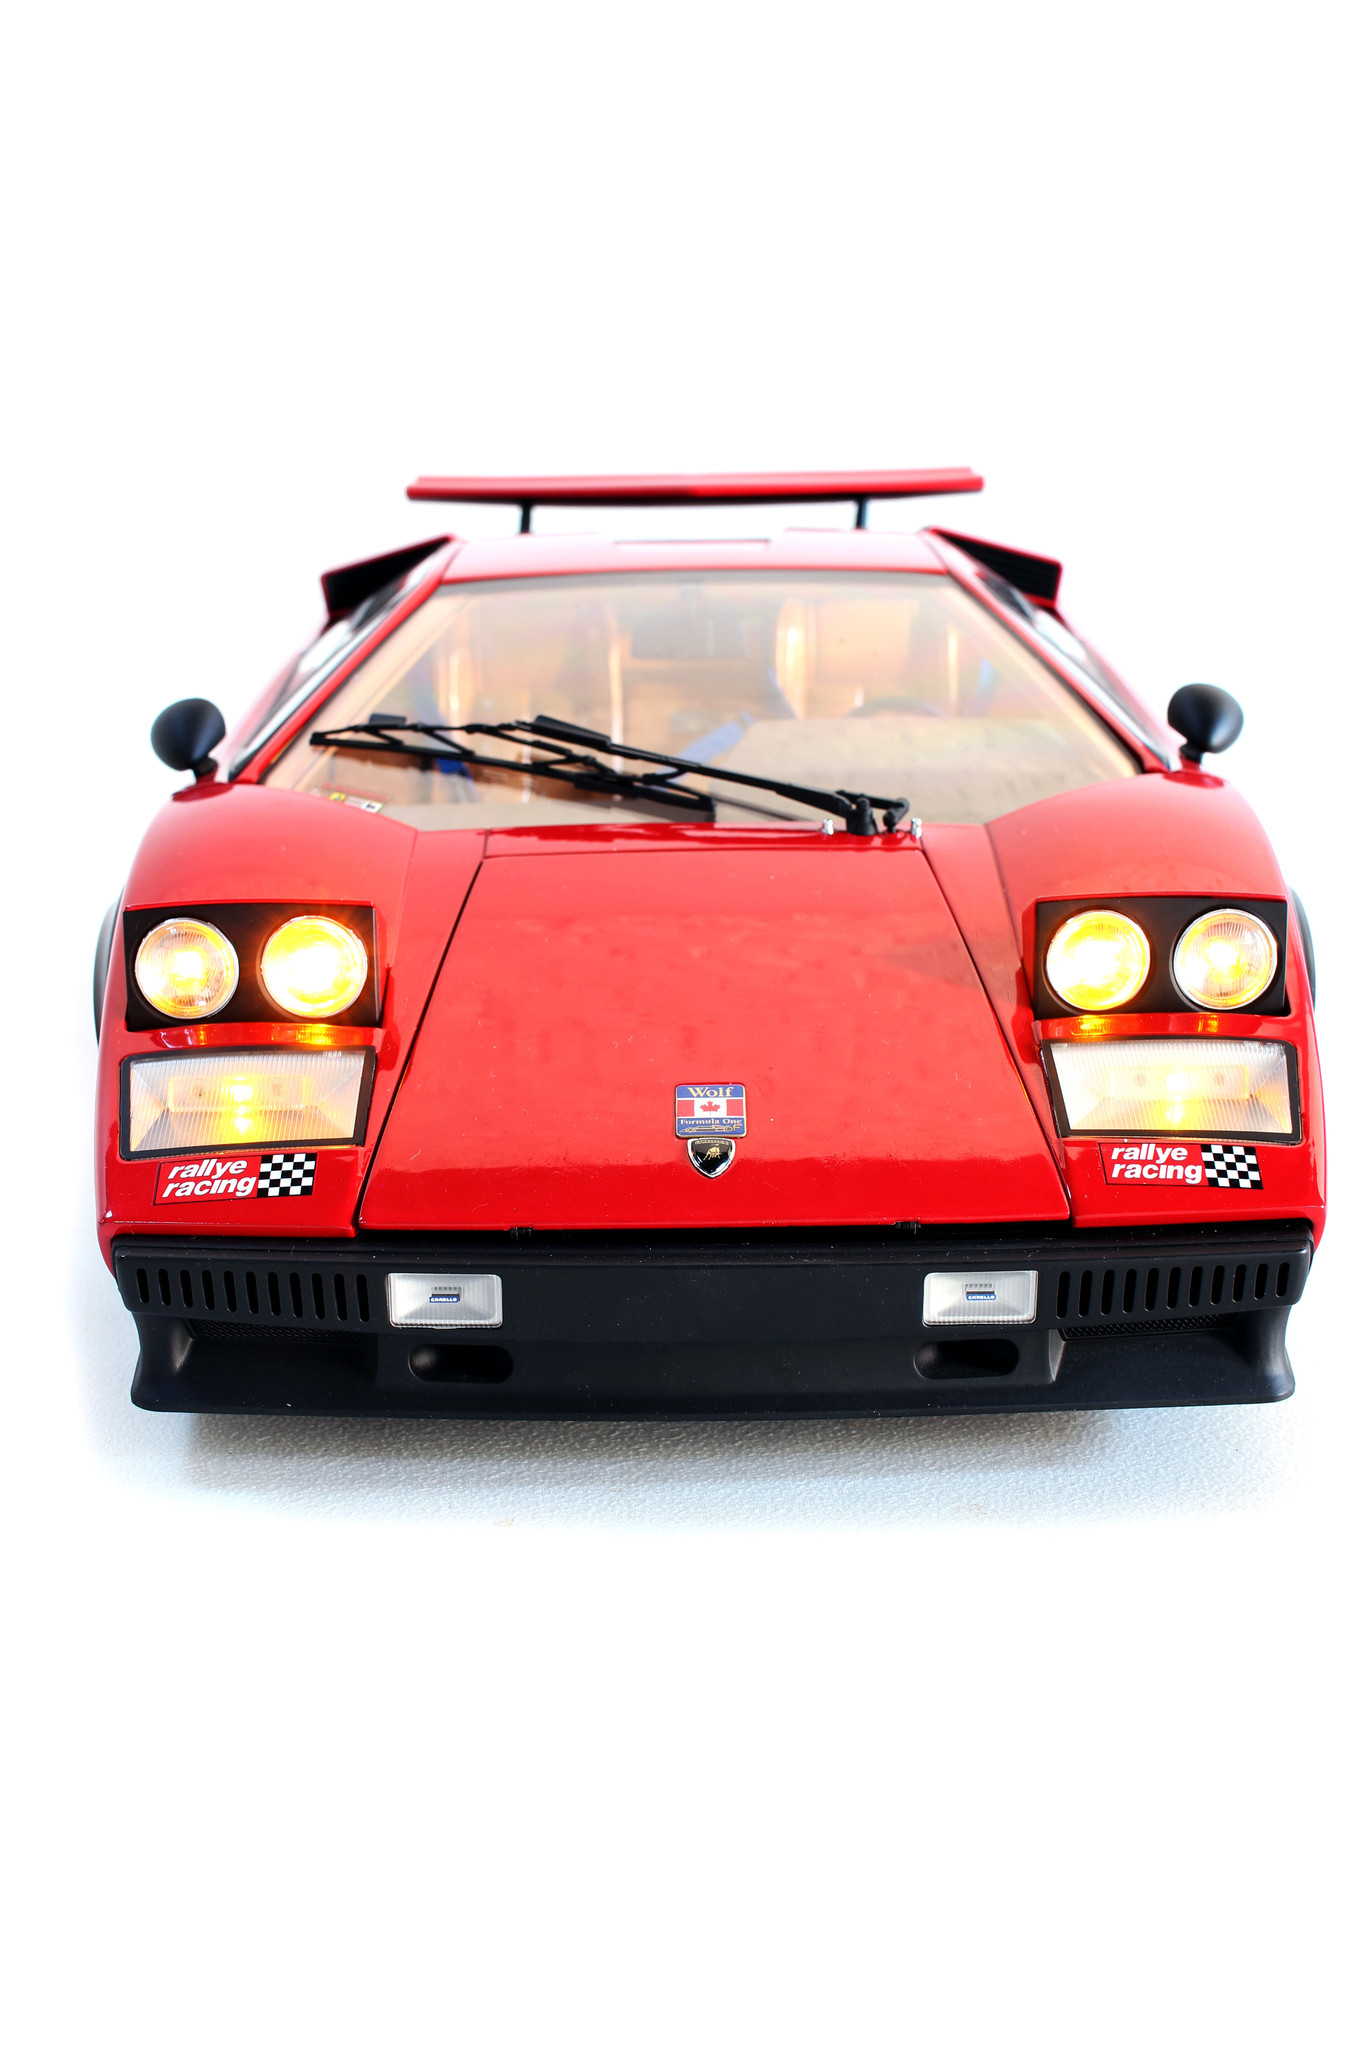 Lamborghini scale model 1: 8